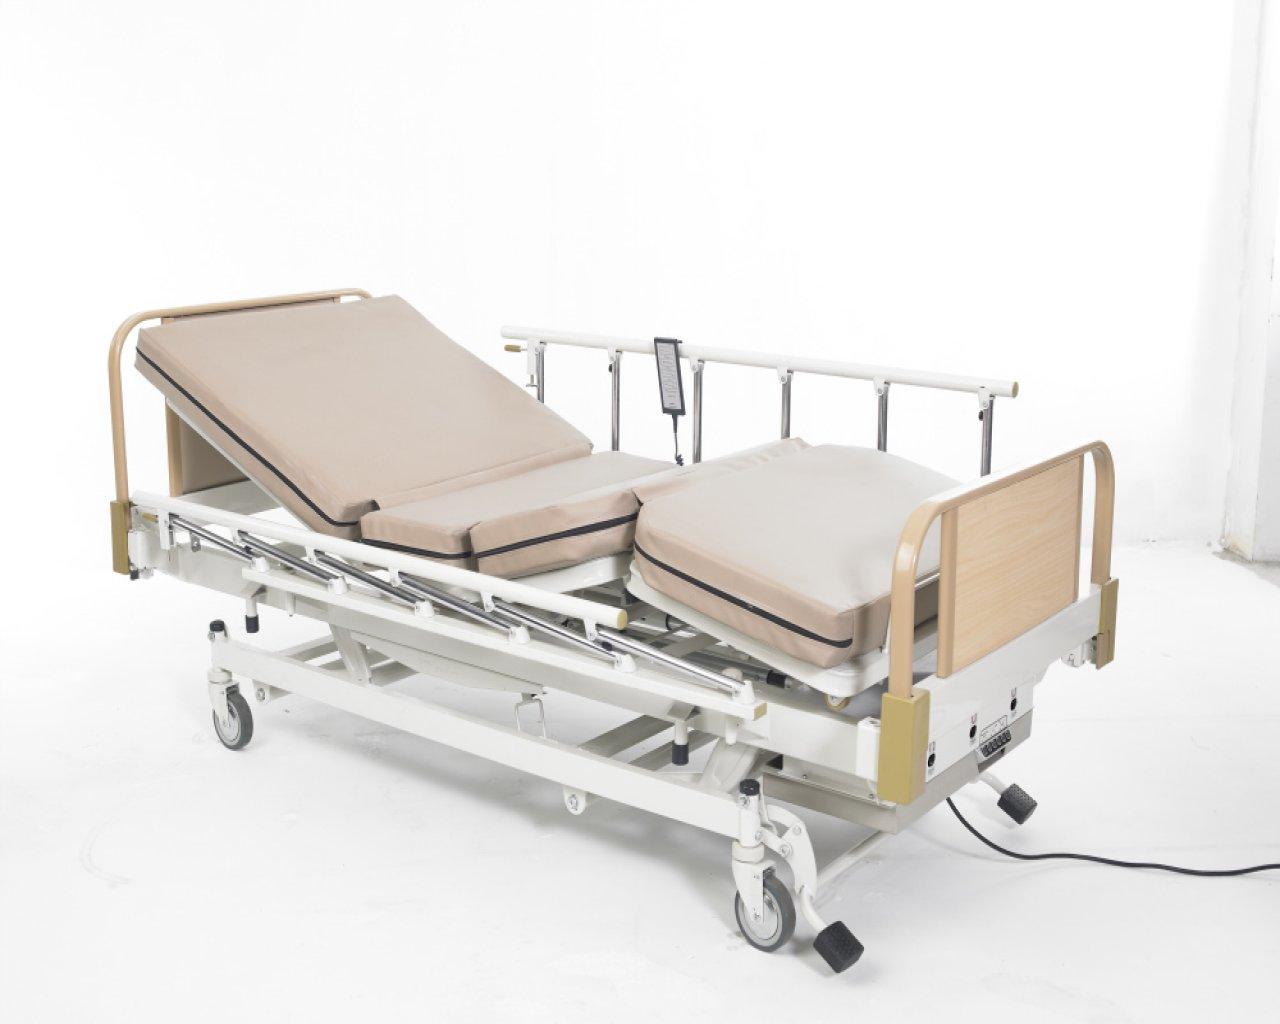 เตียงไฟฟ้า 3 ไกร์ 3 ระบบ (ไฟฟ้า,แบตฯ,มือหมุน) แบบ ABS ราวปีกนก รหัส MEA012